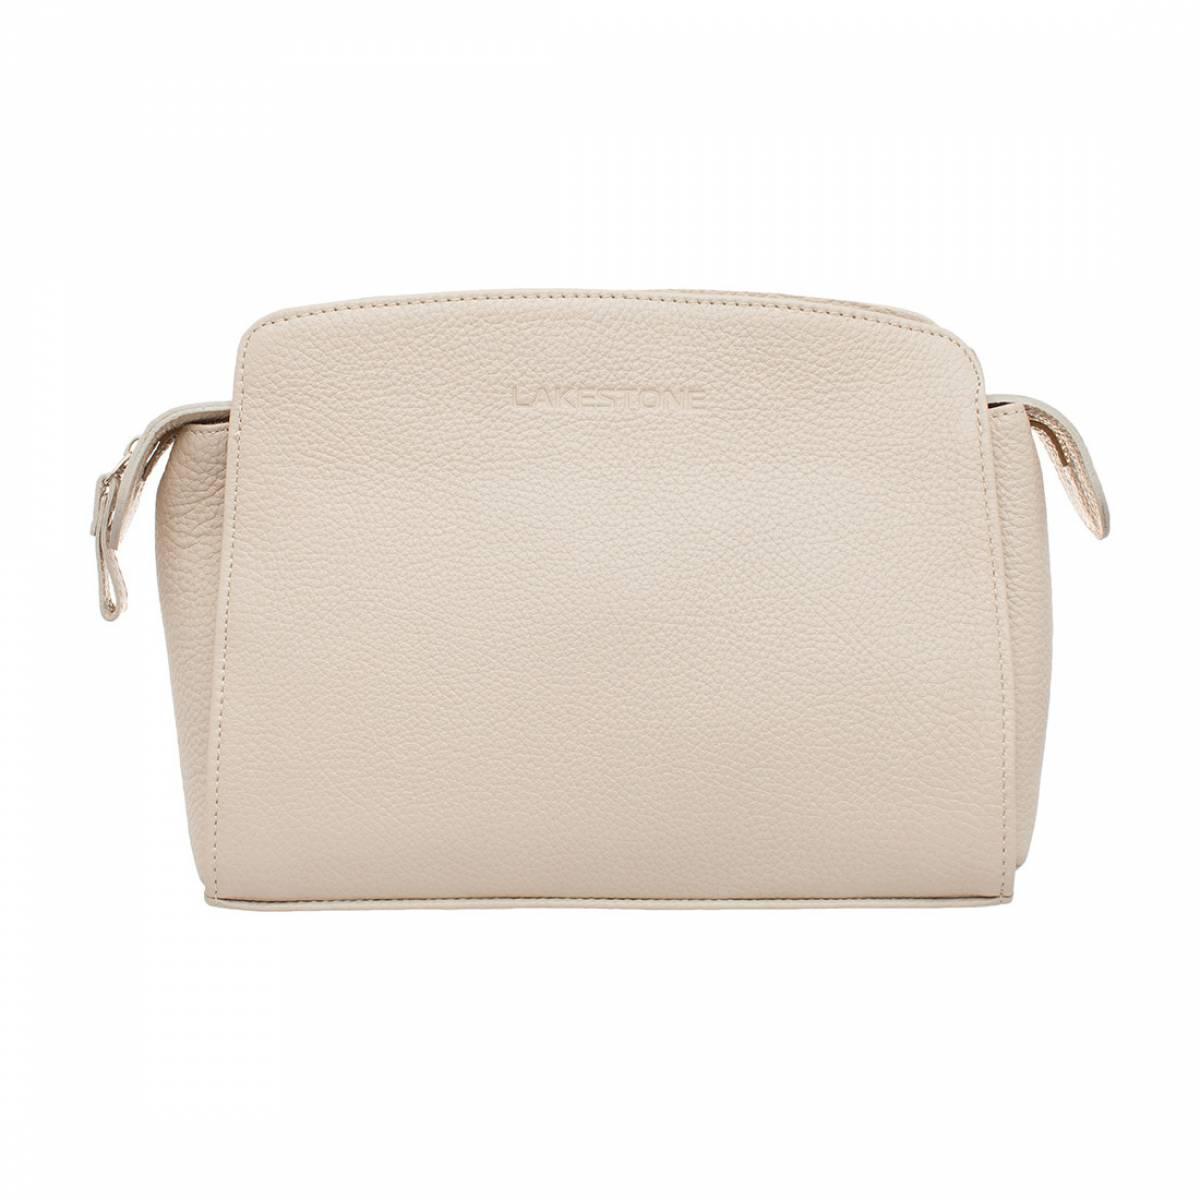 Женская сумка Caledonia Beige фото